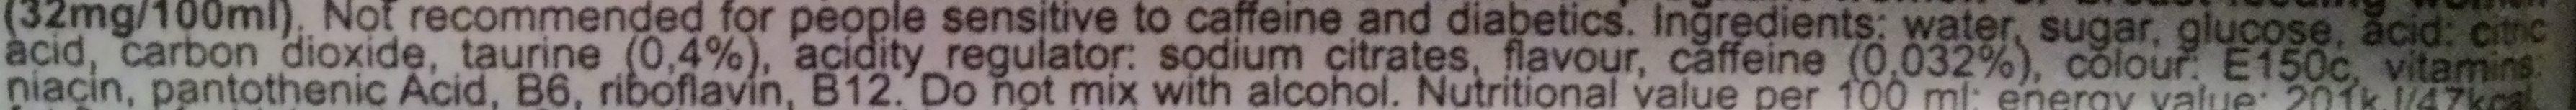 Ozone energy drink - Ingrédients